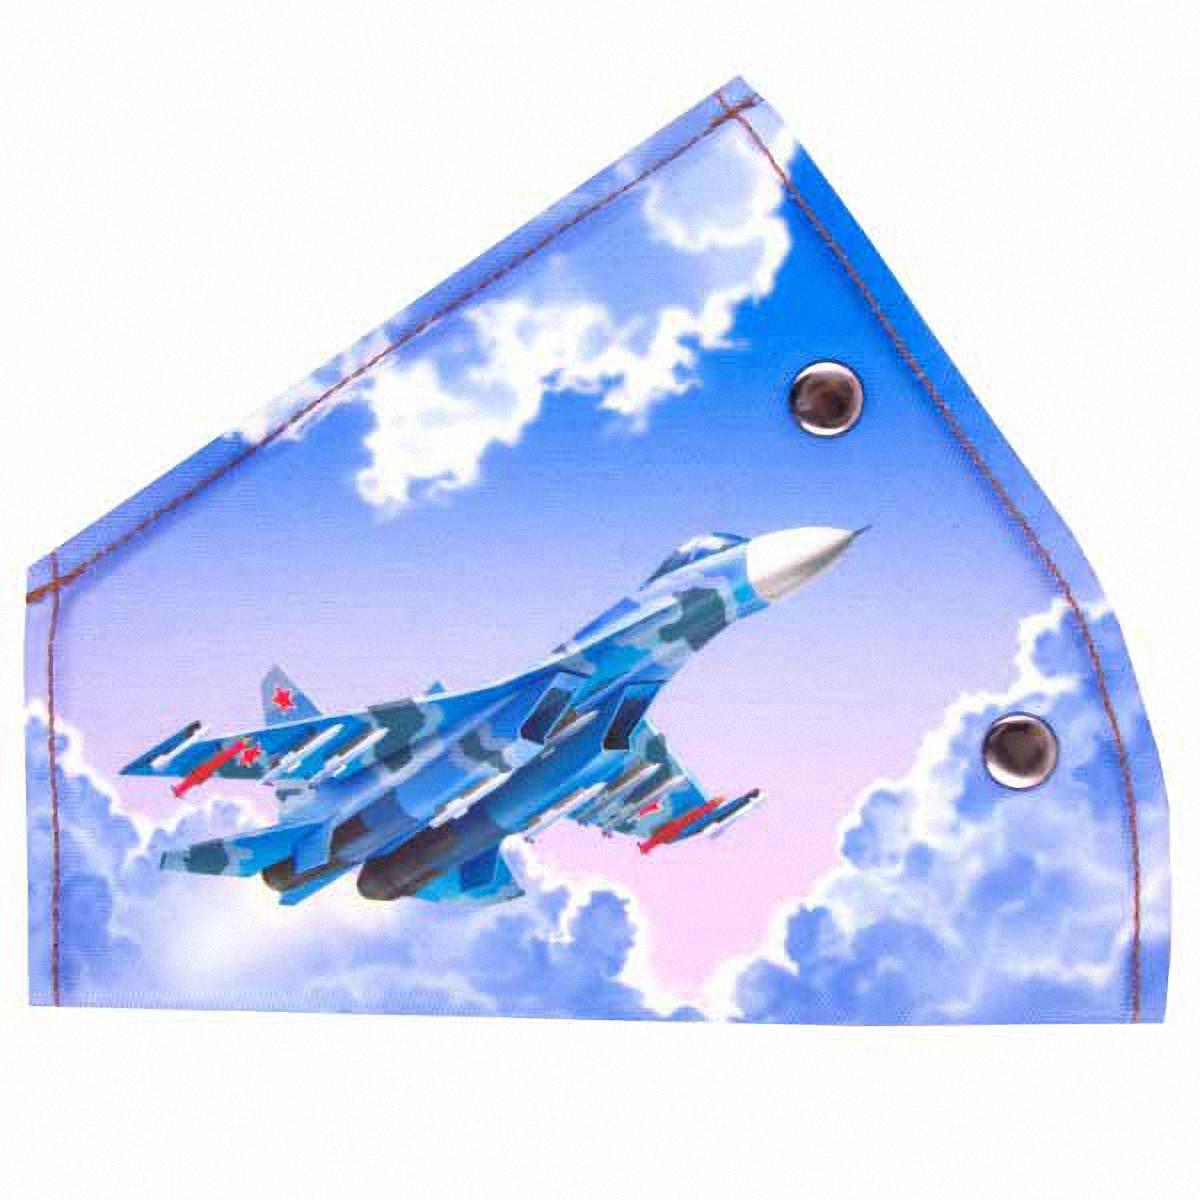 Адаптер ремня безопасности Skyway СамолетS04007001Детский адаптер ремня безопасности, изготовленный из полиэстера и декорированный красочным рисунком, удерживает ремень безопасности в положении, удобном для человека небольшого роста. Удерживающее устройство можно установить на любой трёхточечный ремень безопасности. Подходит для ремней безопасности как слева, так и справа. При перевозке ребёнка до 12 лет адаптер ремня безопасности разрешено устанавливать только на ремни заднего сиденья.Адаптер прост в установке, легко фиксируется при помощи быстрозастегивающегося крепления.Изделие уменьшает давление ремней на тело ребёнка, удаляет ремень от лица ребенка, обеспечивая ему комфорт во время поездок.Тип крепления: кнопки.